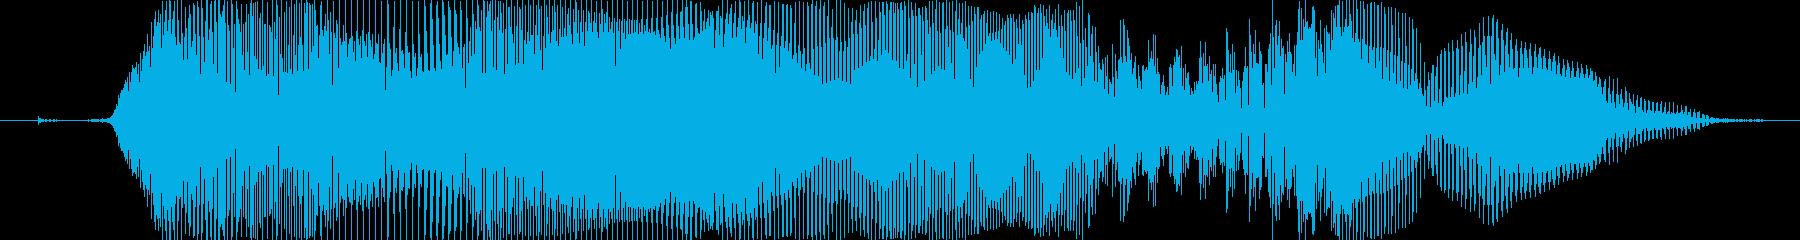 きゃーっ!の再生済みの波形